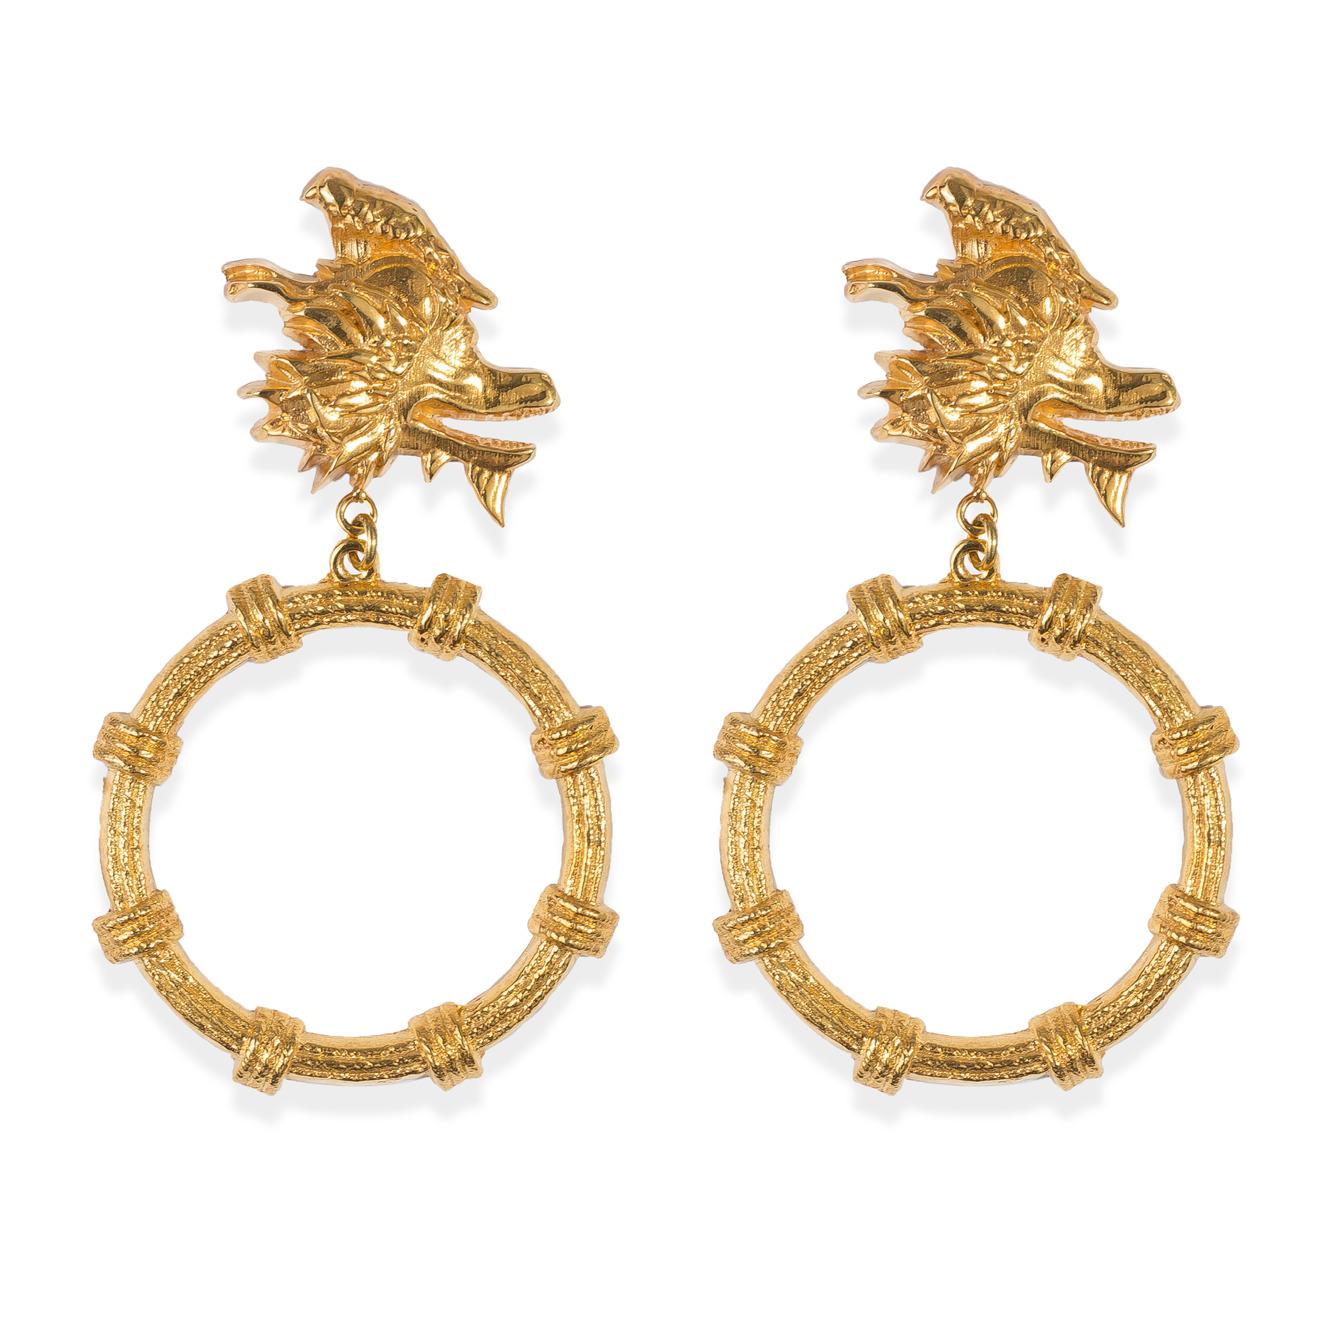 Natia x Lako Позолоченные серьги-китайские драконы c птицей и подвесками-кольцами